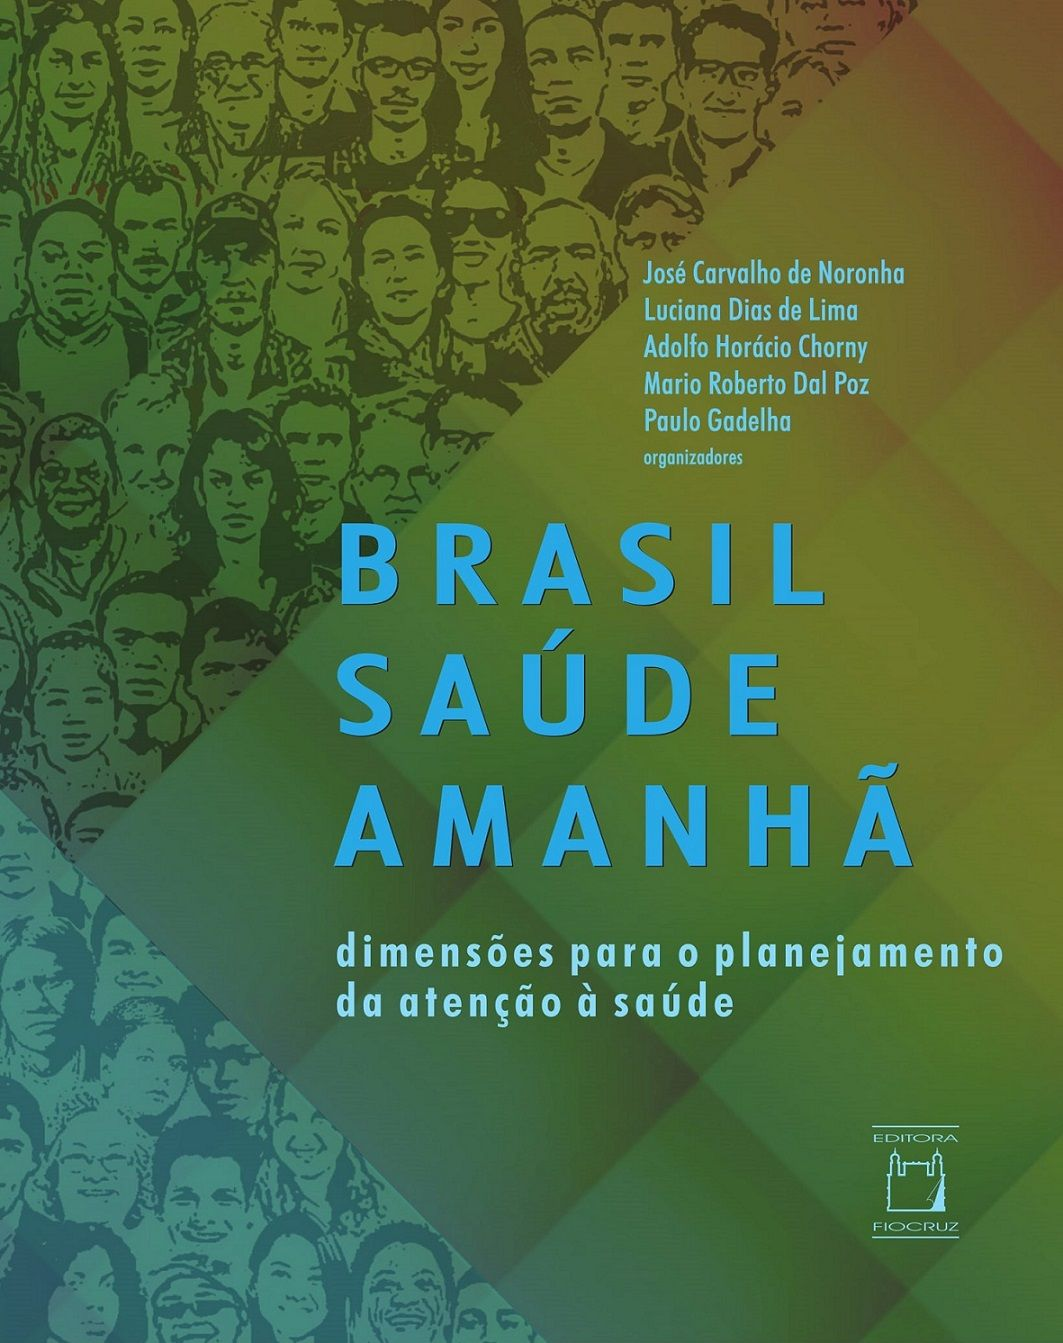 Brasil Saúde Amanhã: dimensões para o planejamento da atenção à saúde  - Livraria Virtual da Editora Fiocruz